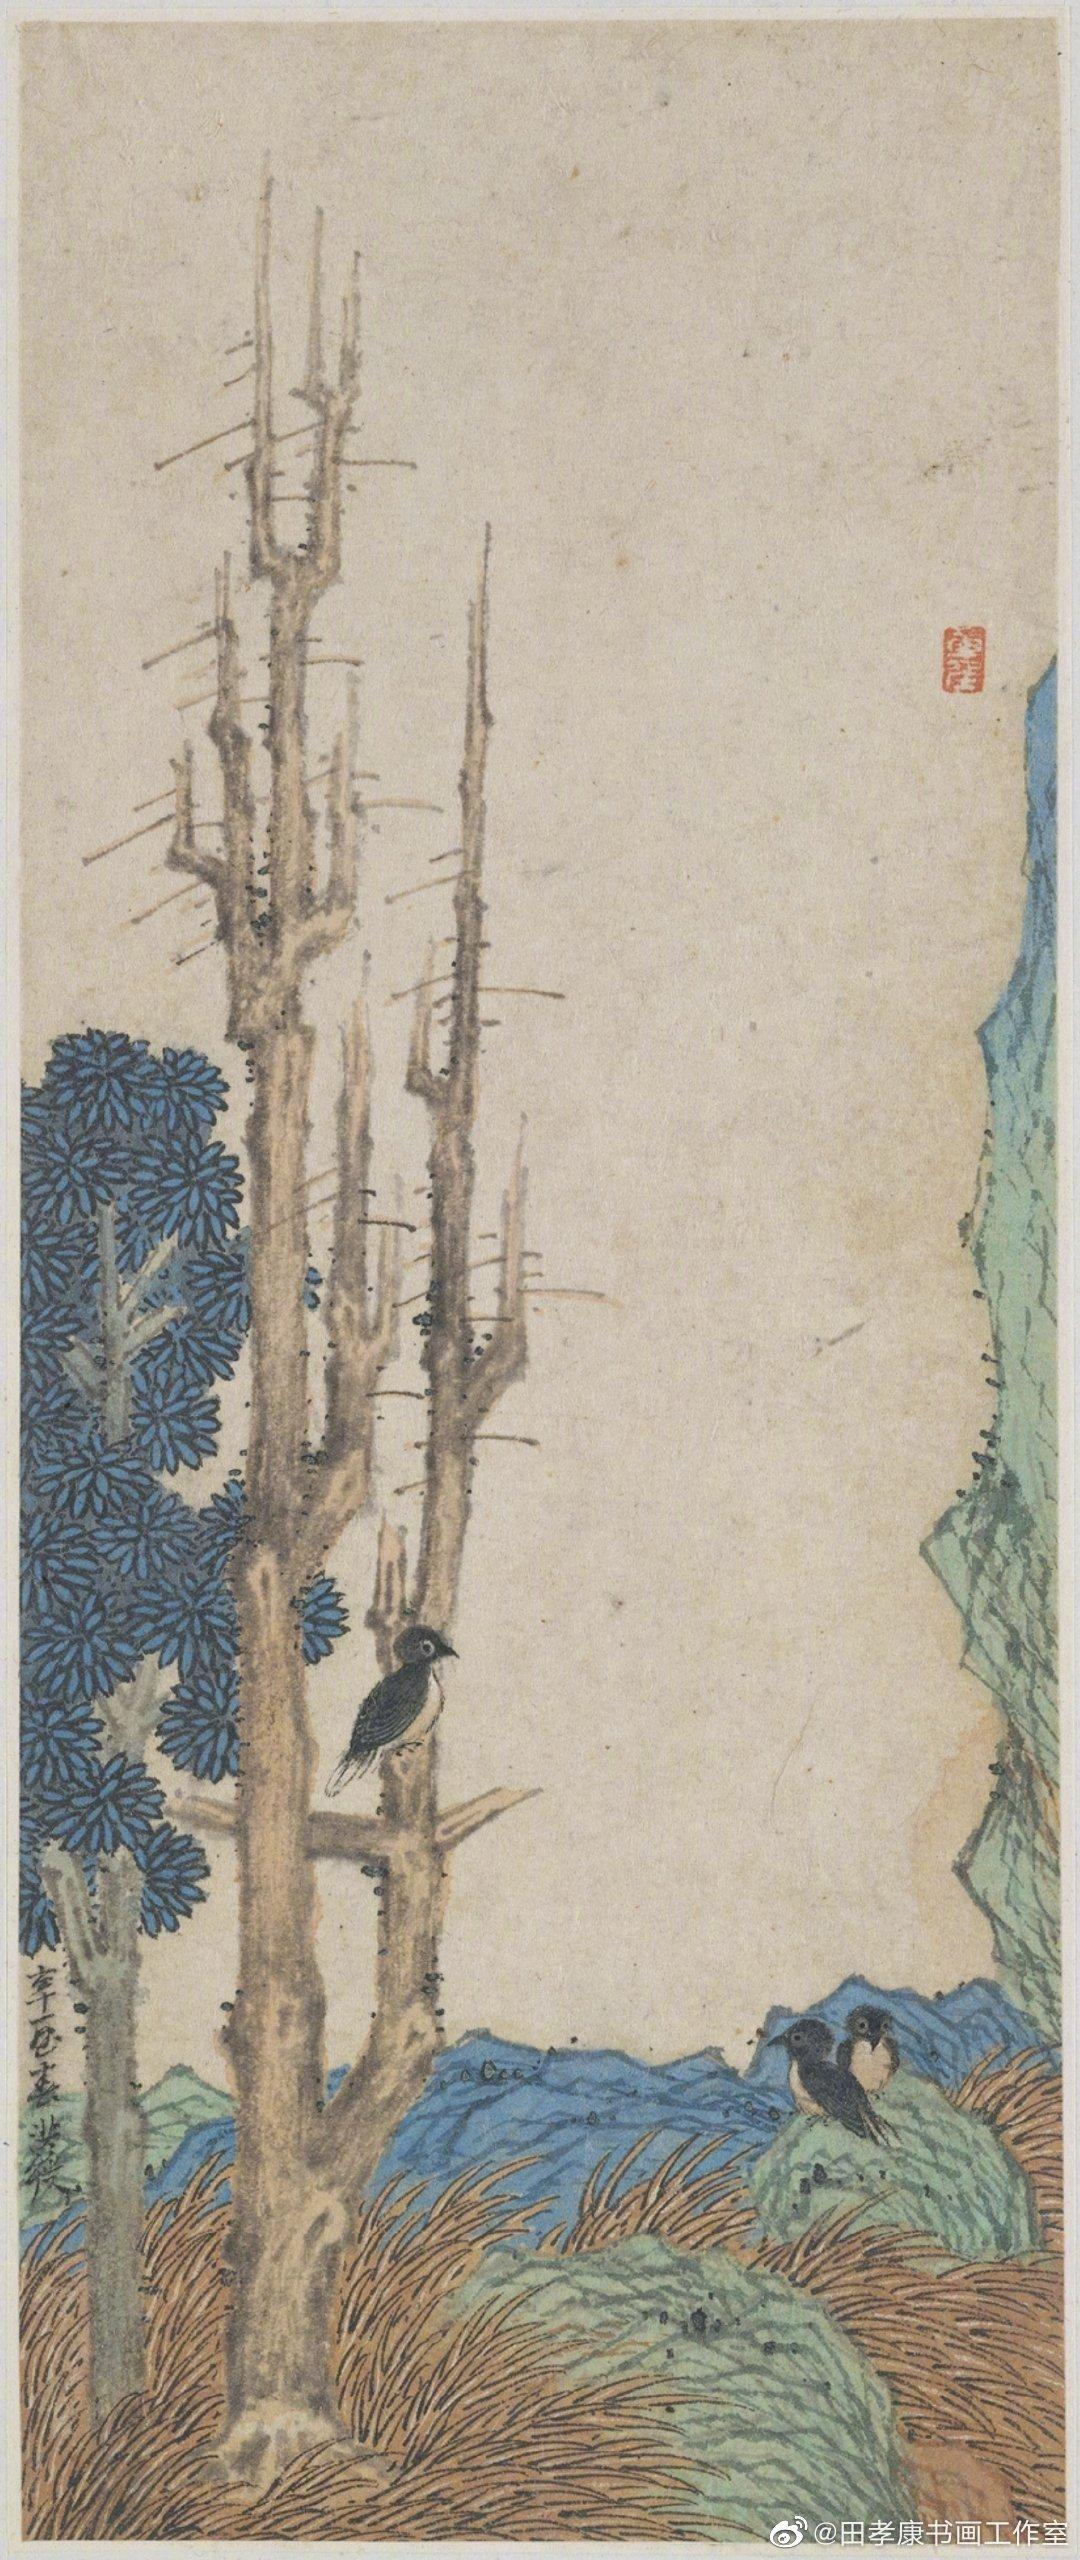 明代陈洪绶《杂画册》,现藏于纽约大都会艺术博物馆